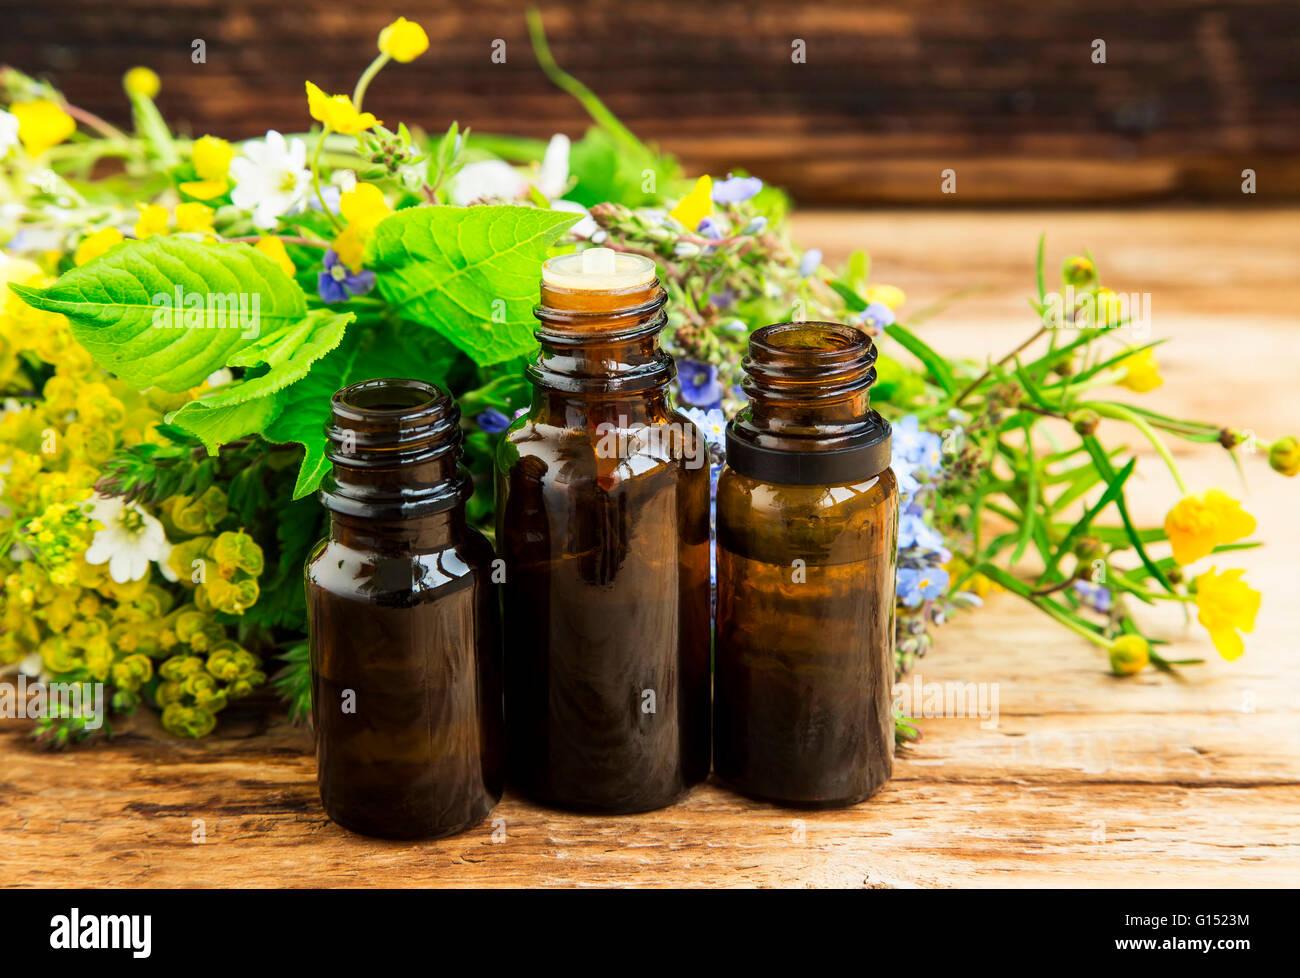 Alternative Kräutermedizin mit Heilpflanzen Essenz Flaschen Stockbild